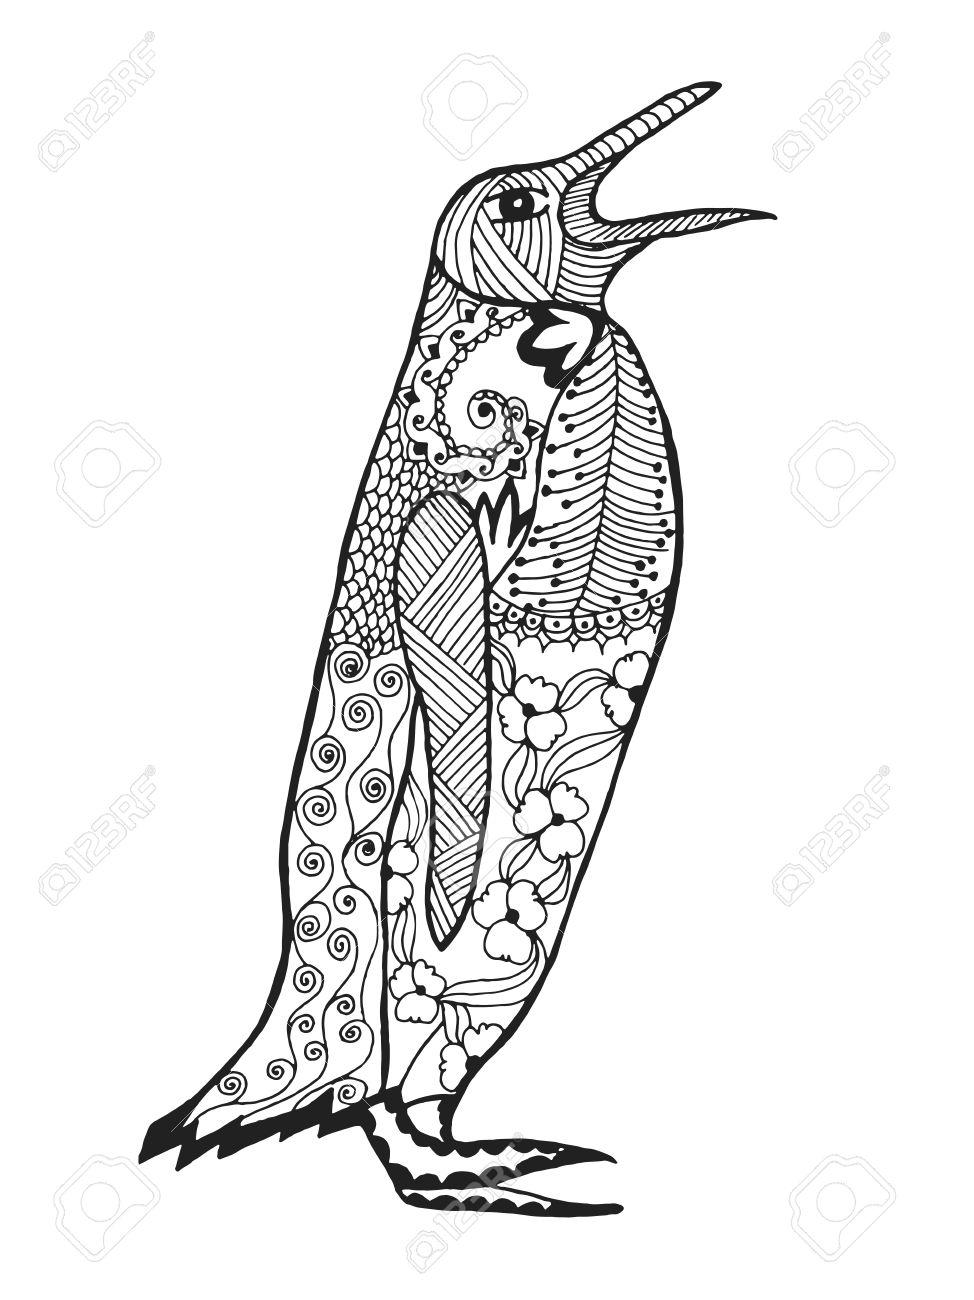 Netter Pinguin Erwachsene Antistress Malvorlagen Schwarz Weiße